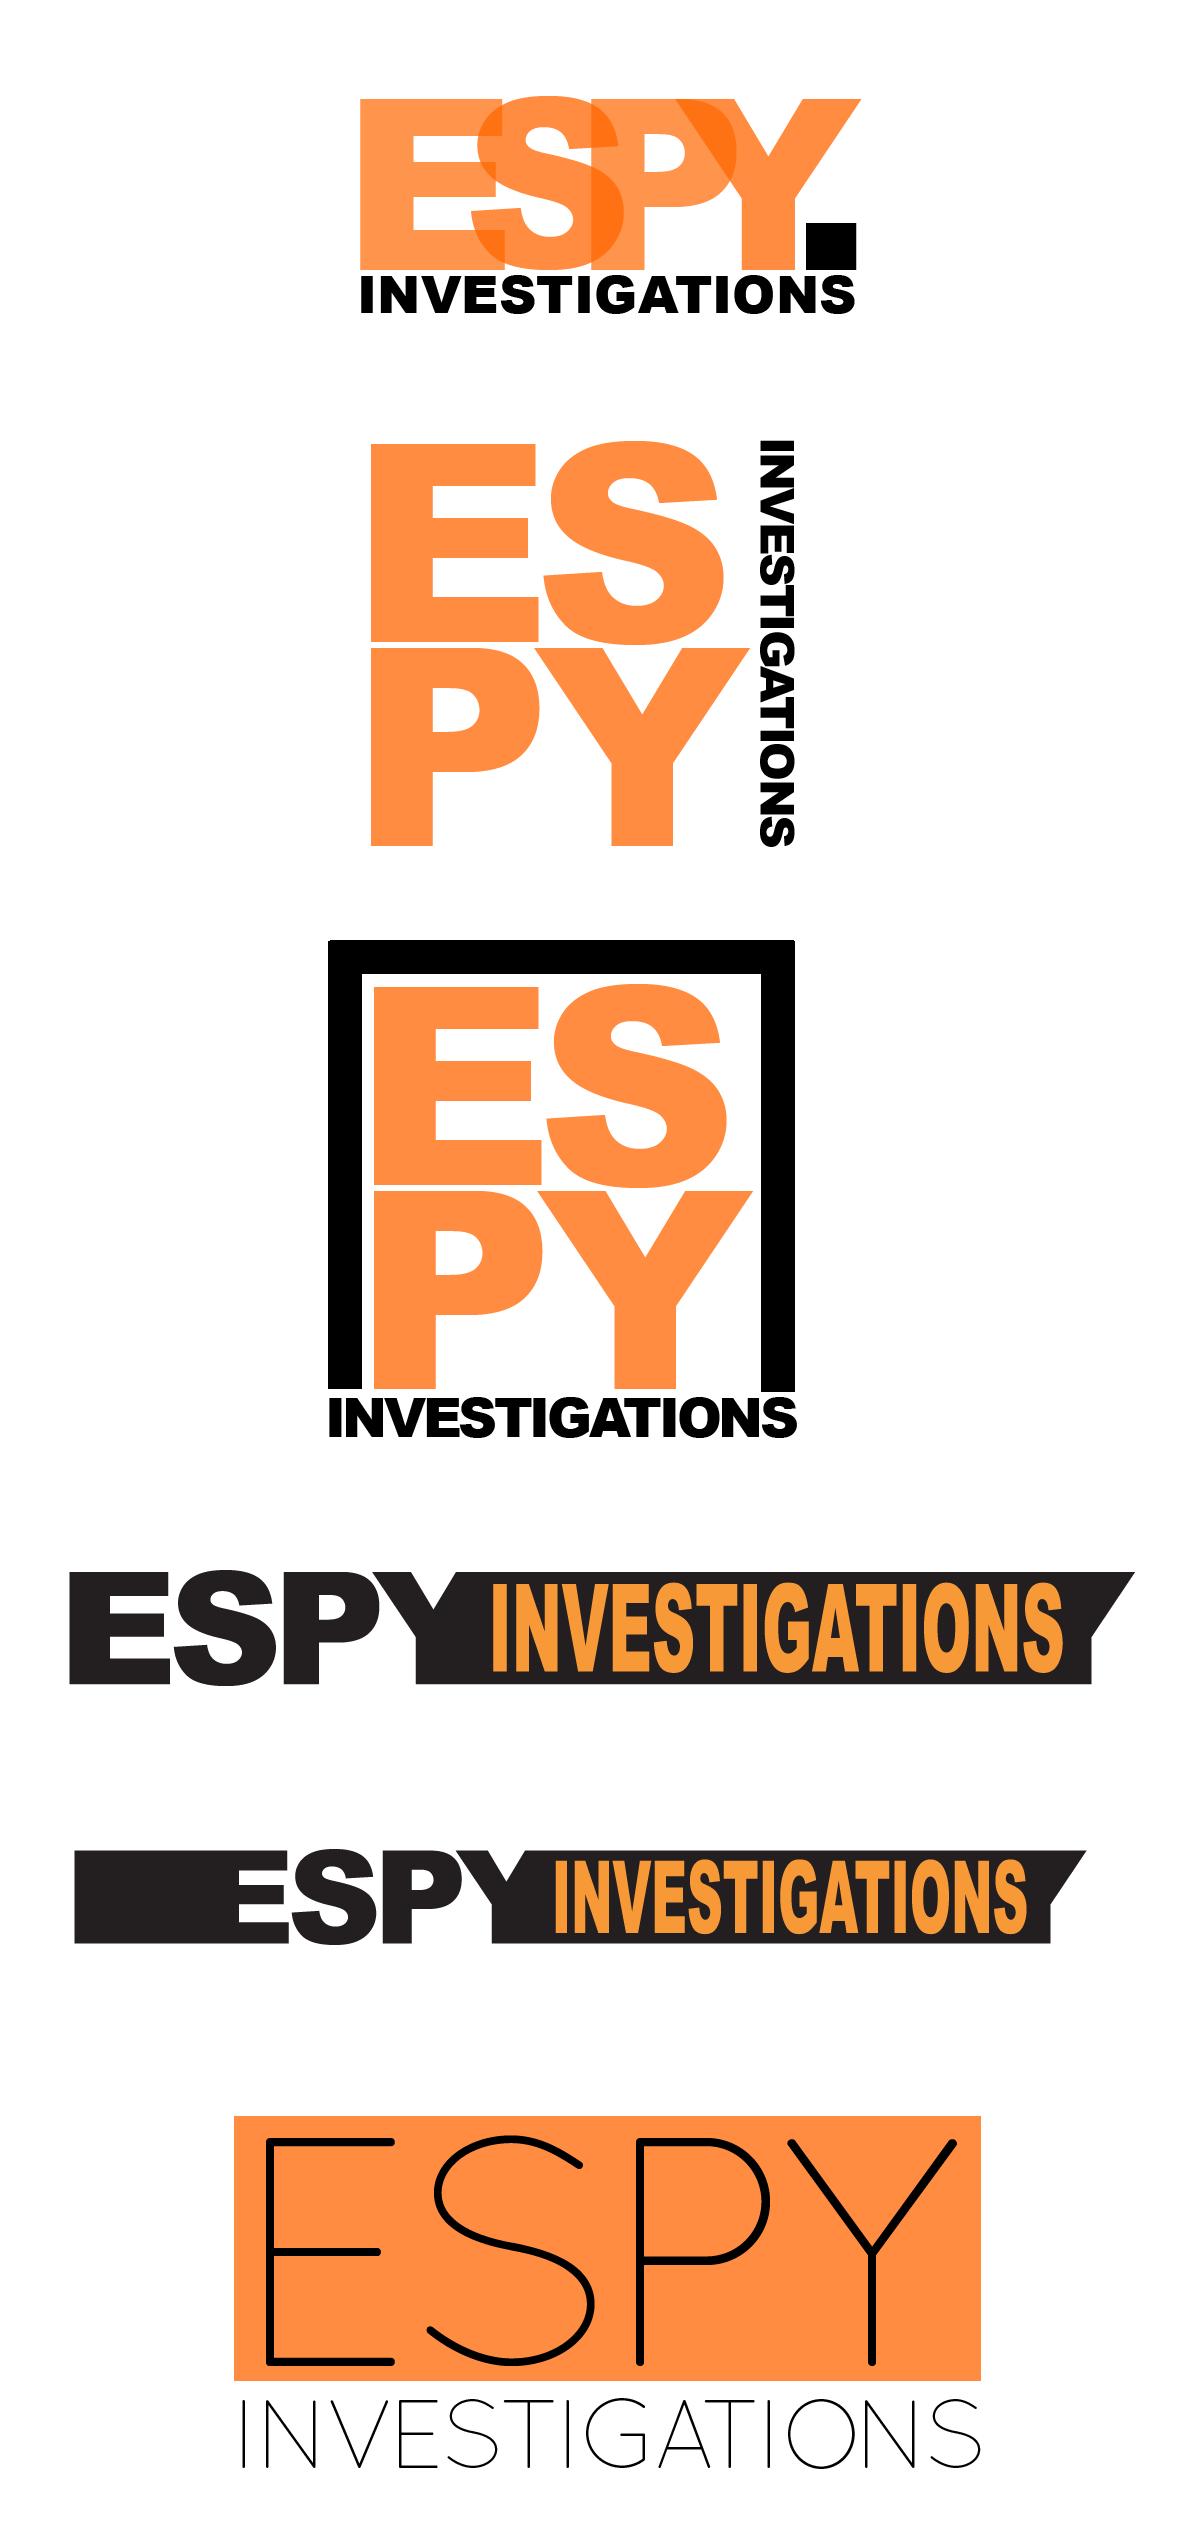 ESPY_LOGOS.png